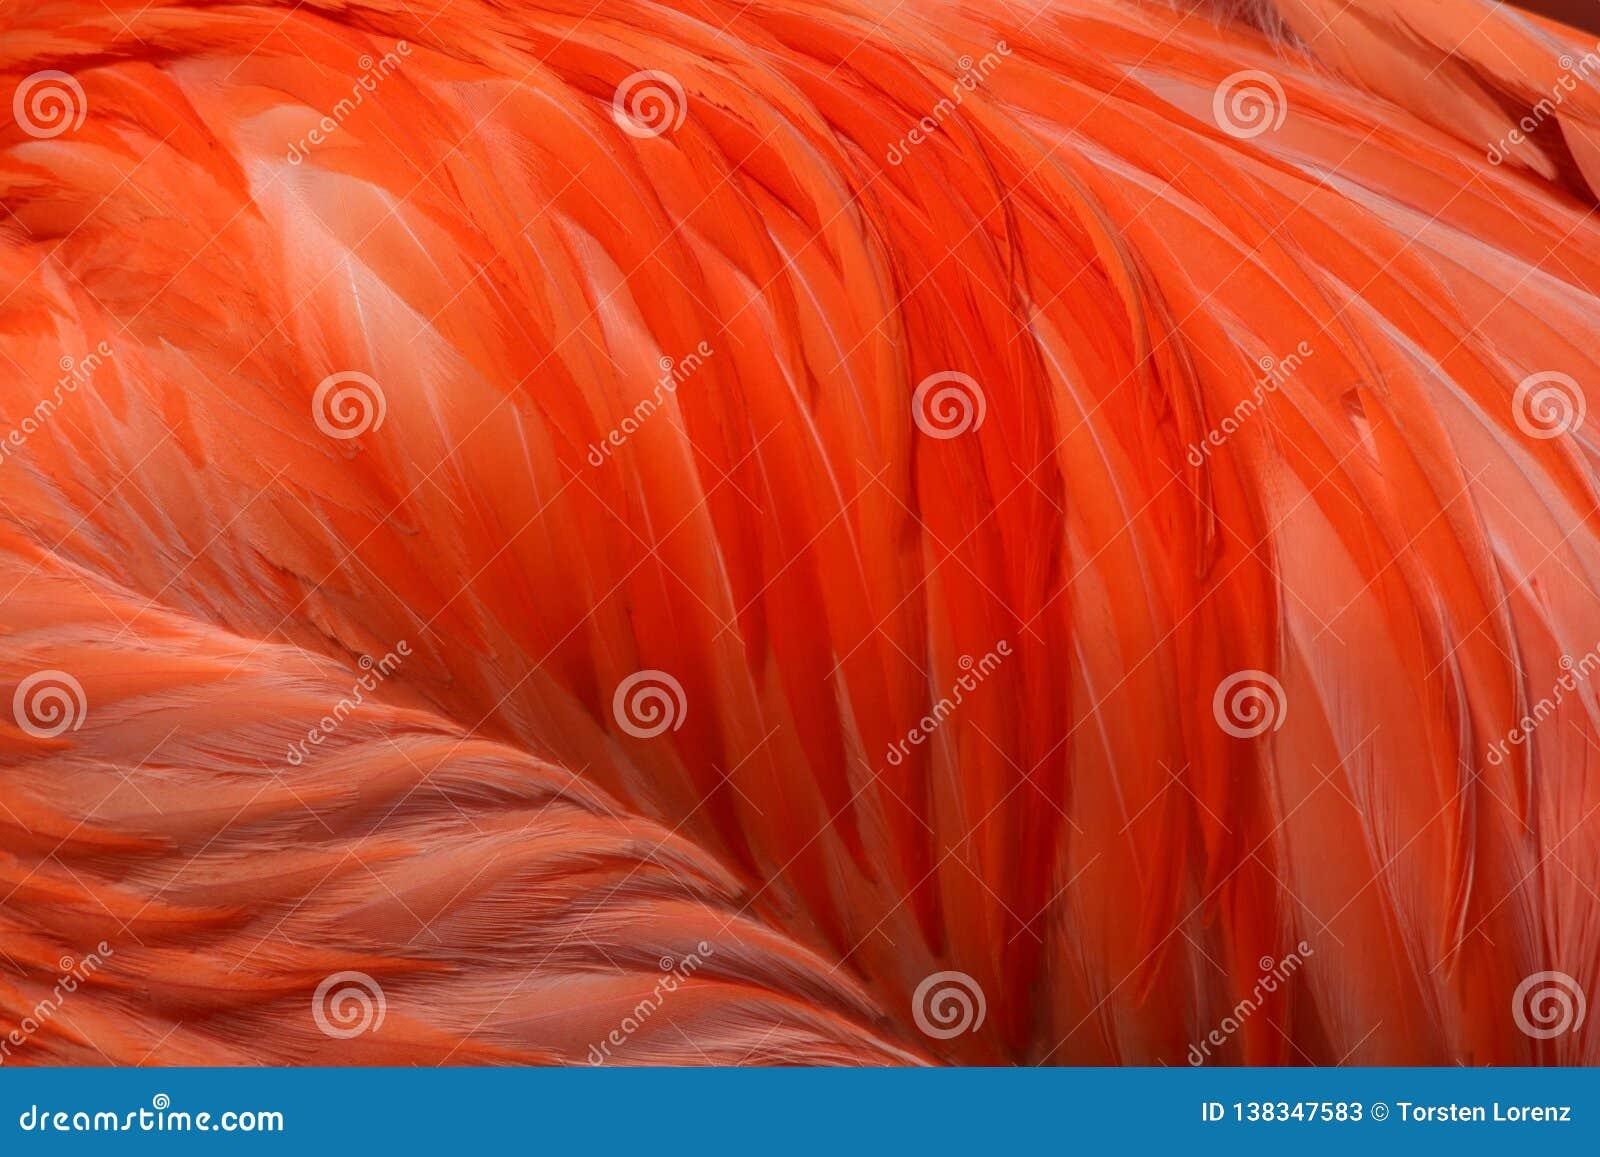 Piume rosa del fenicottero